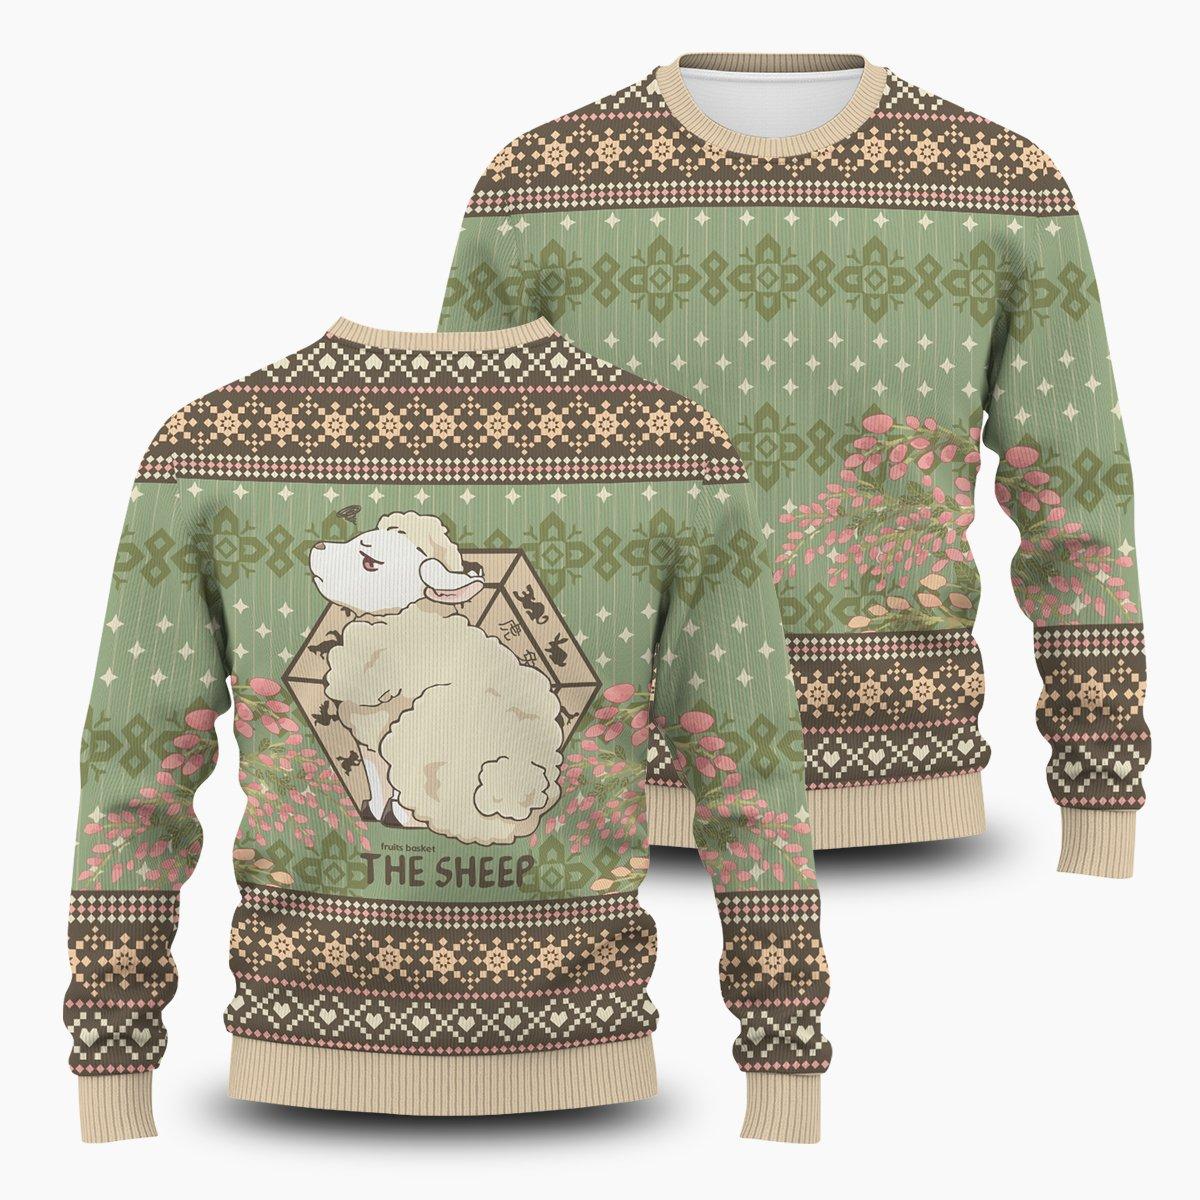 Hiro The Sheep Unisex Wool Sweater FDM0310 S Official Otaku Treat Merch